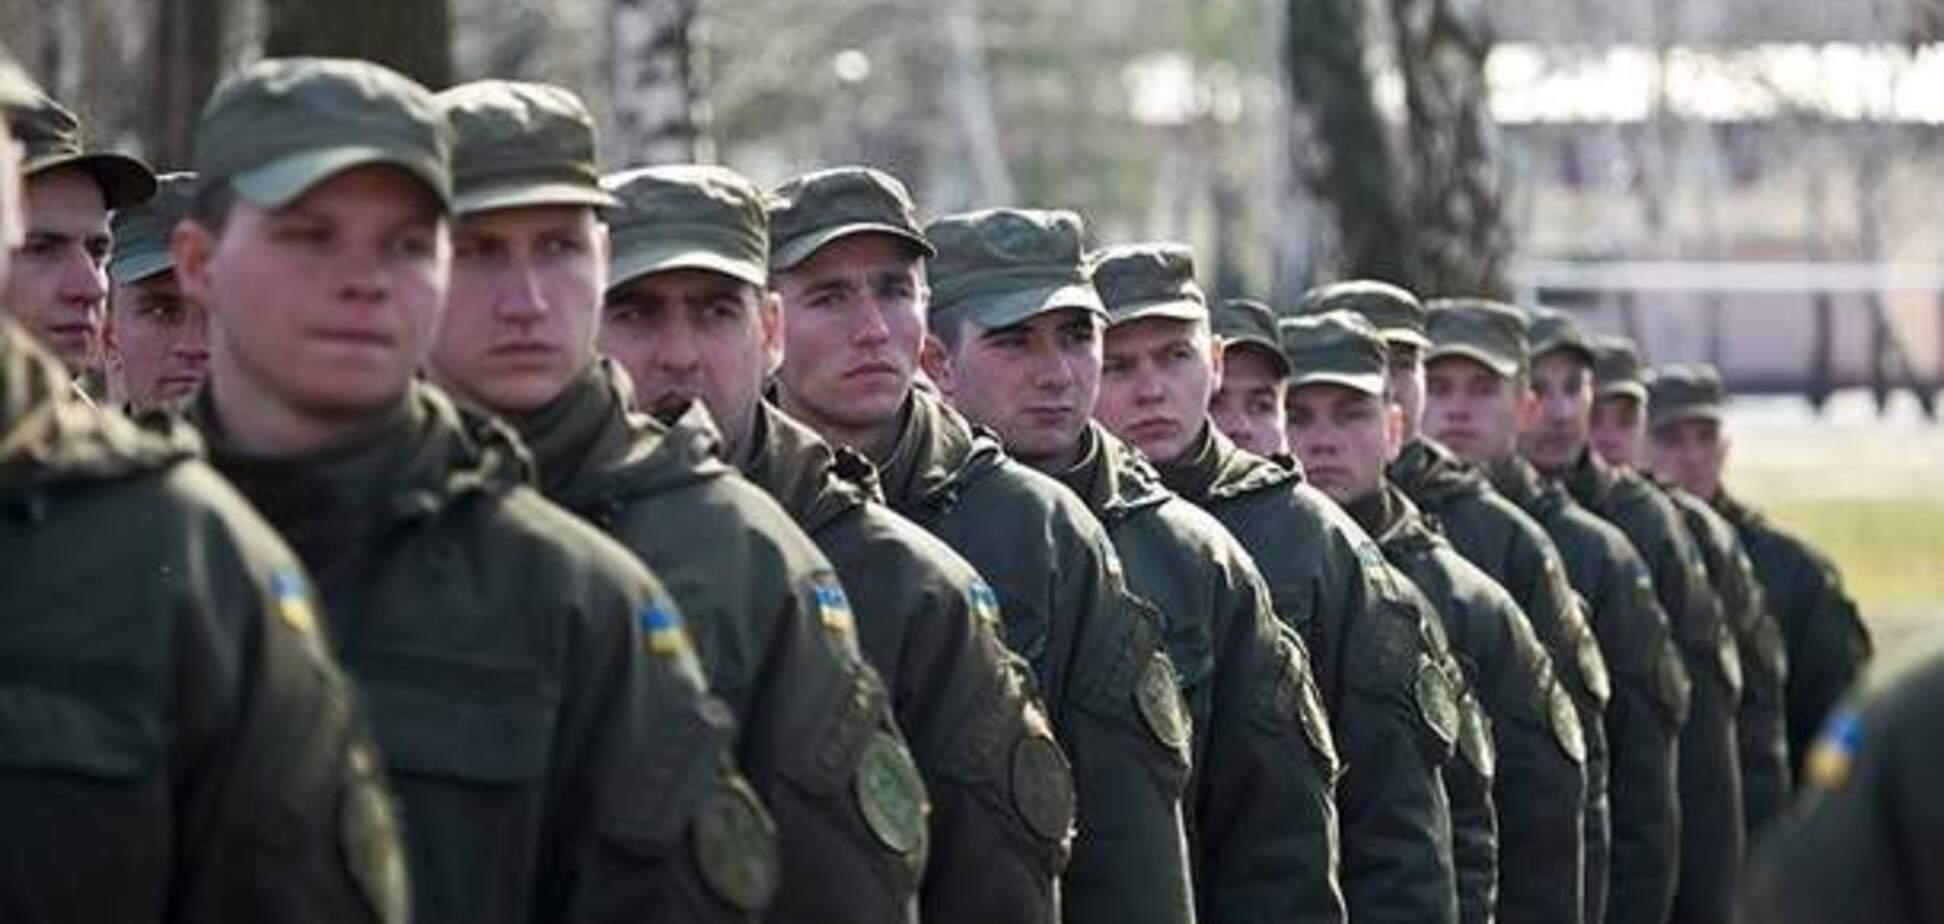 Розмахував пістолетом: у Києві затримали неадекватного охоронця перших осіб України